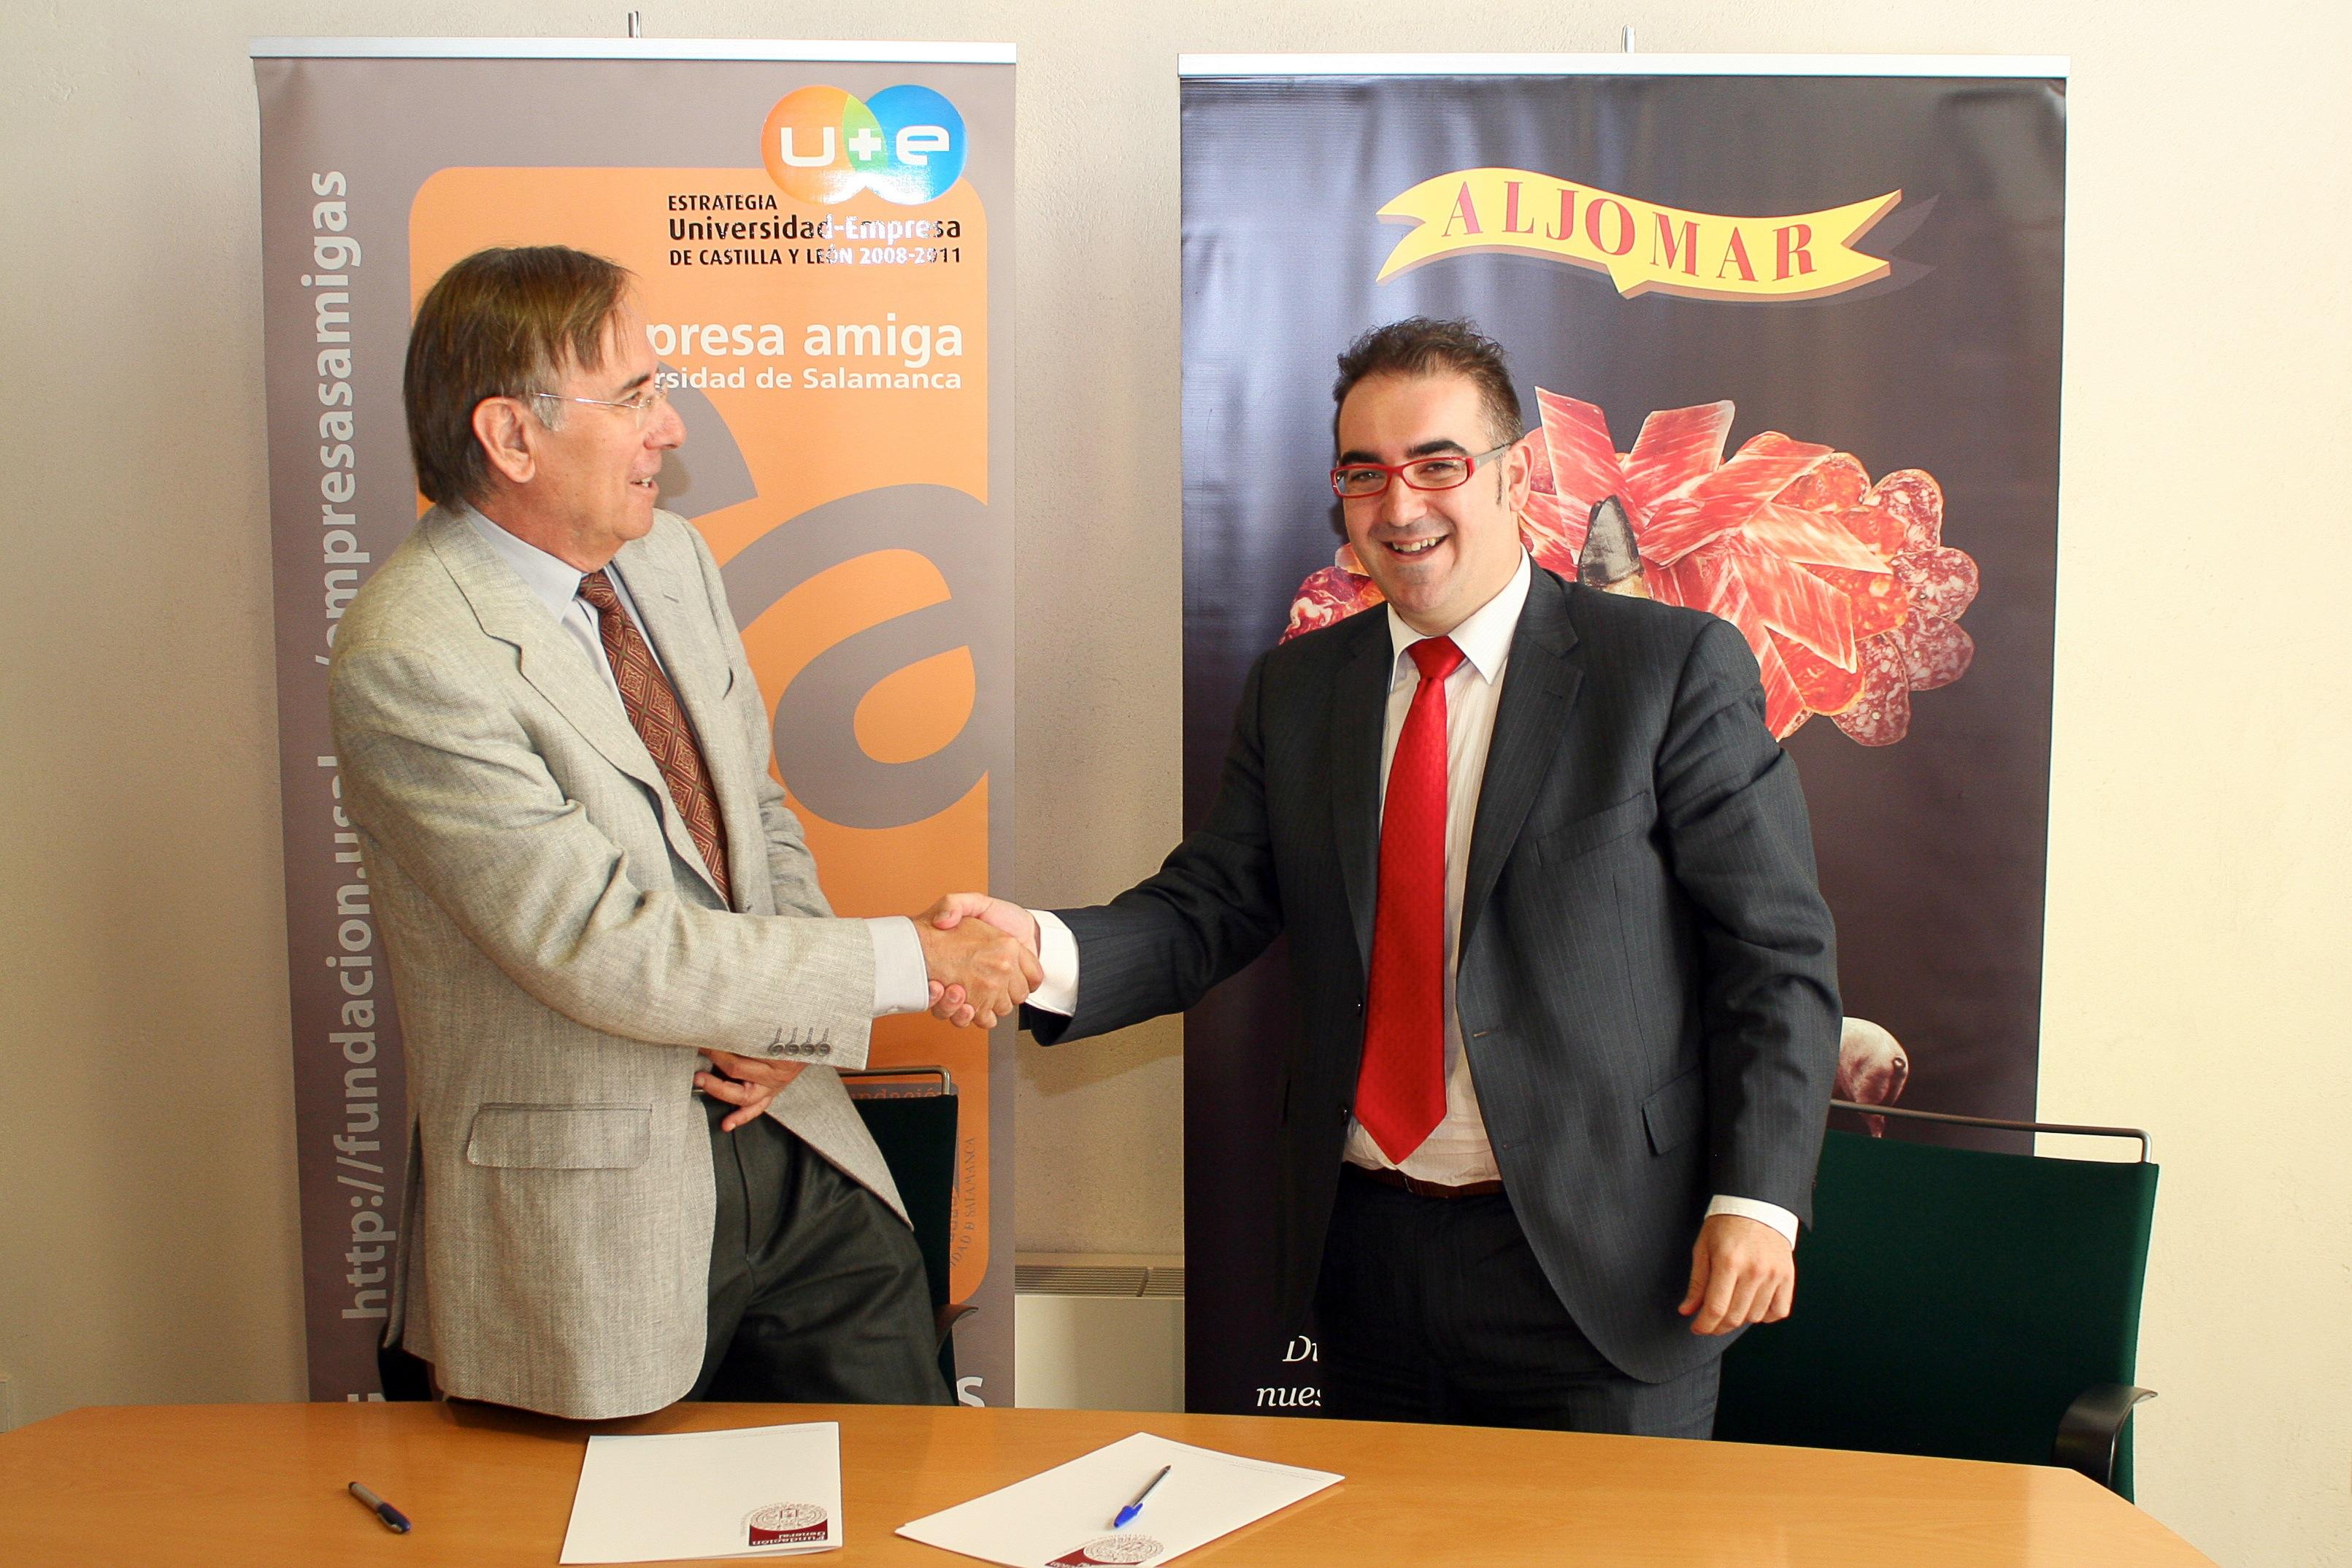 La Fundación General de la Universidad de Salamanca firma un convenio de colaboración con la empresa Aljomar